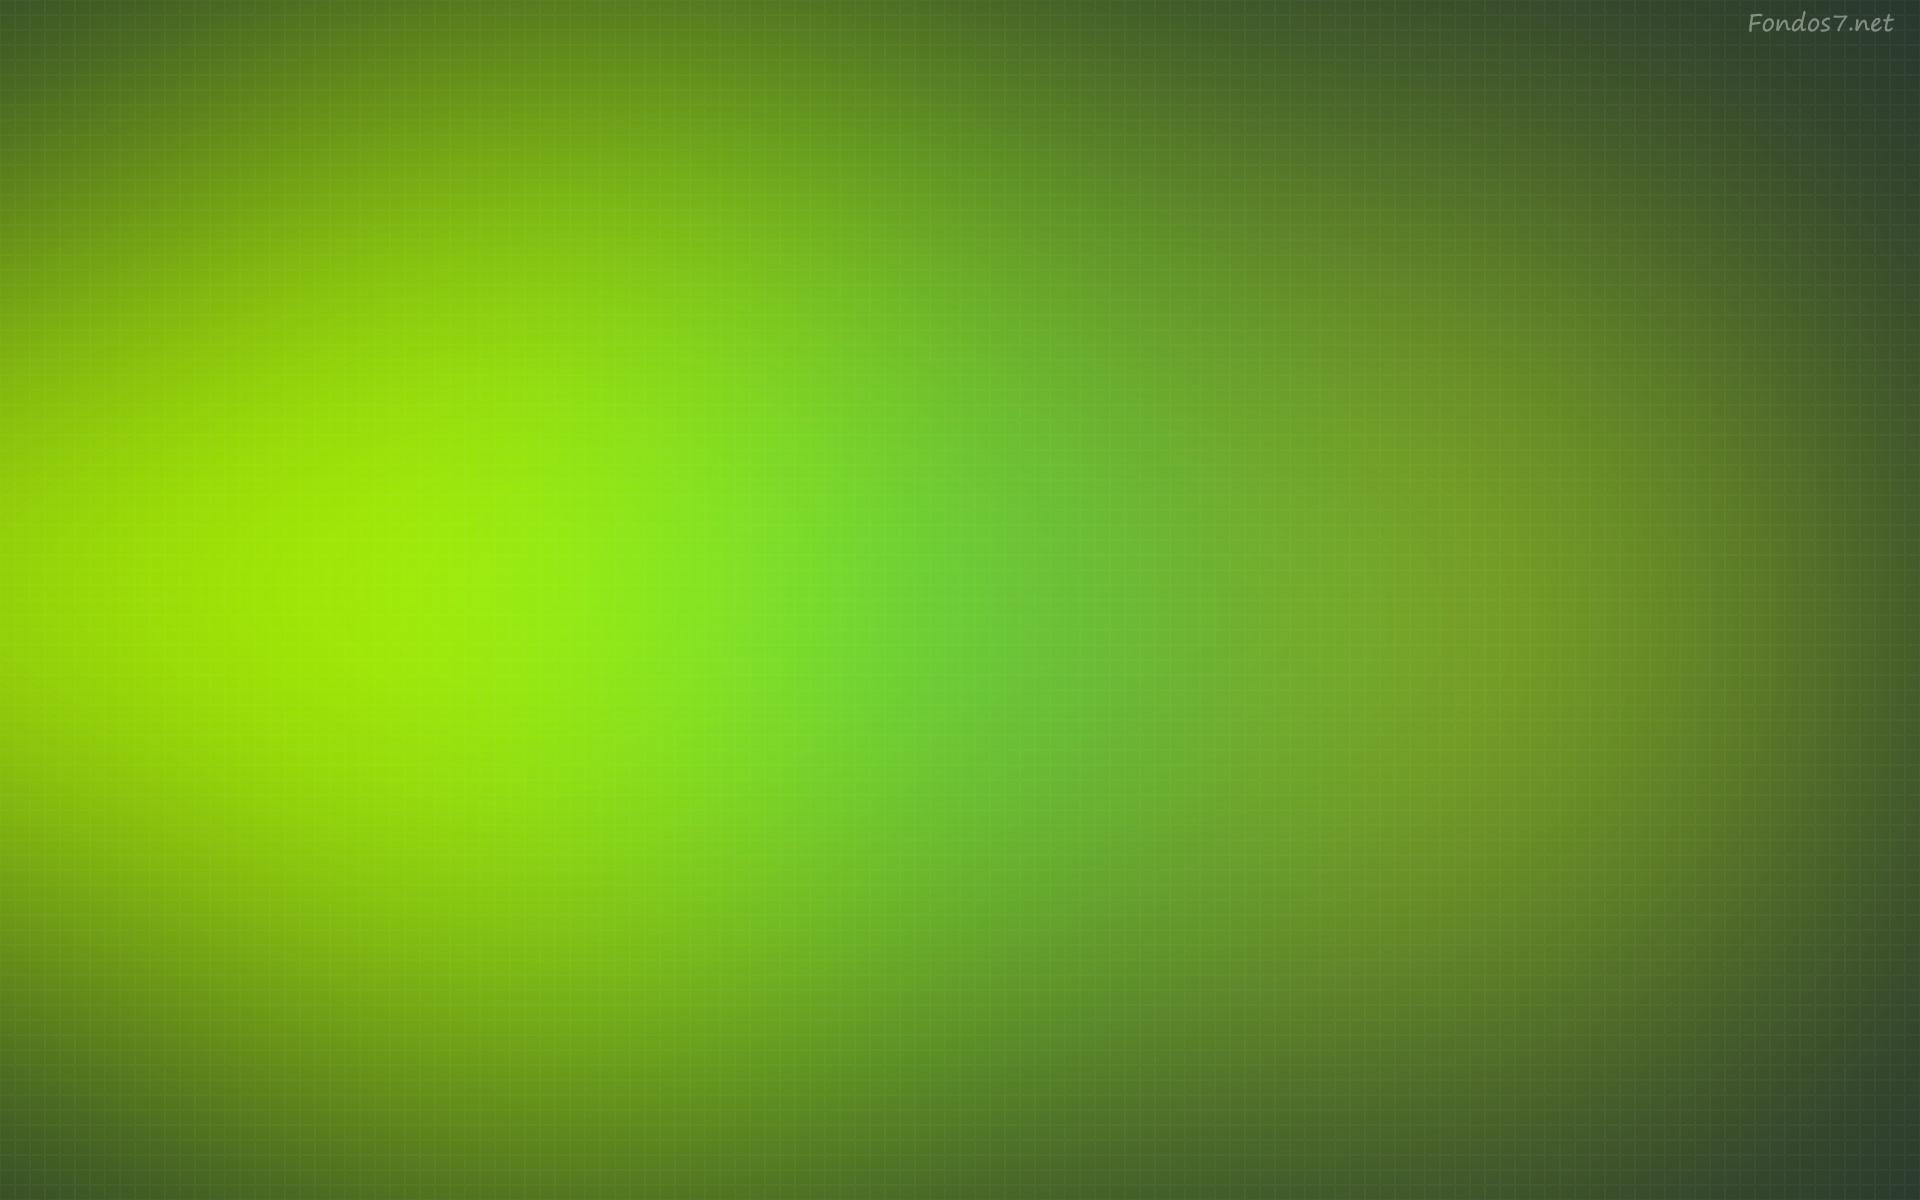 de pantalla fondo verde brillante hd widescreen gratis imagenes 5050